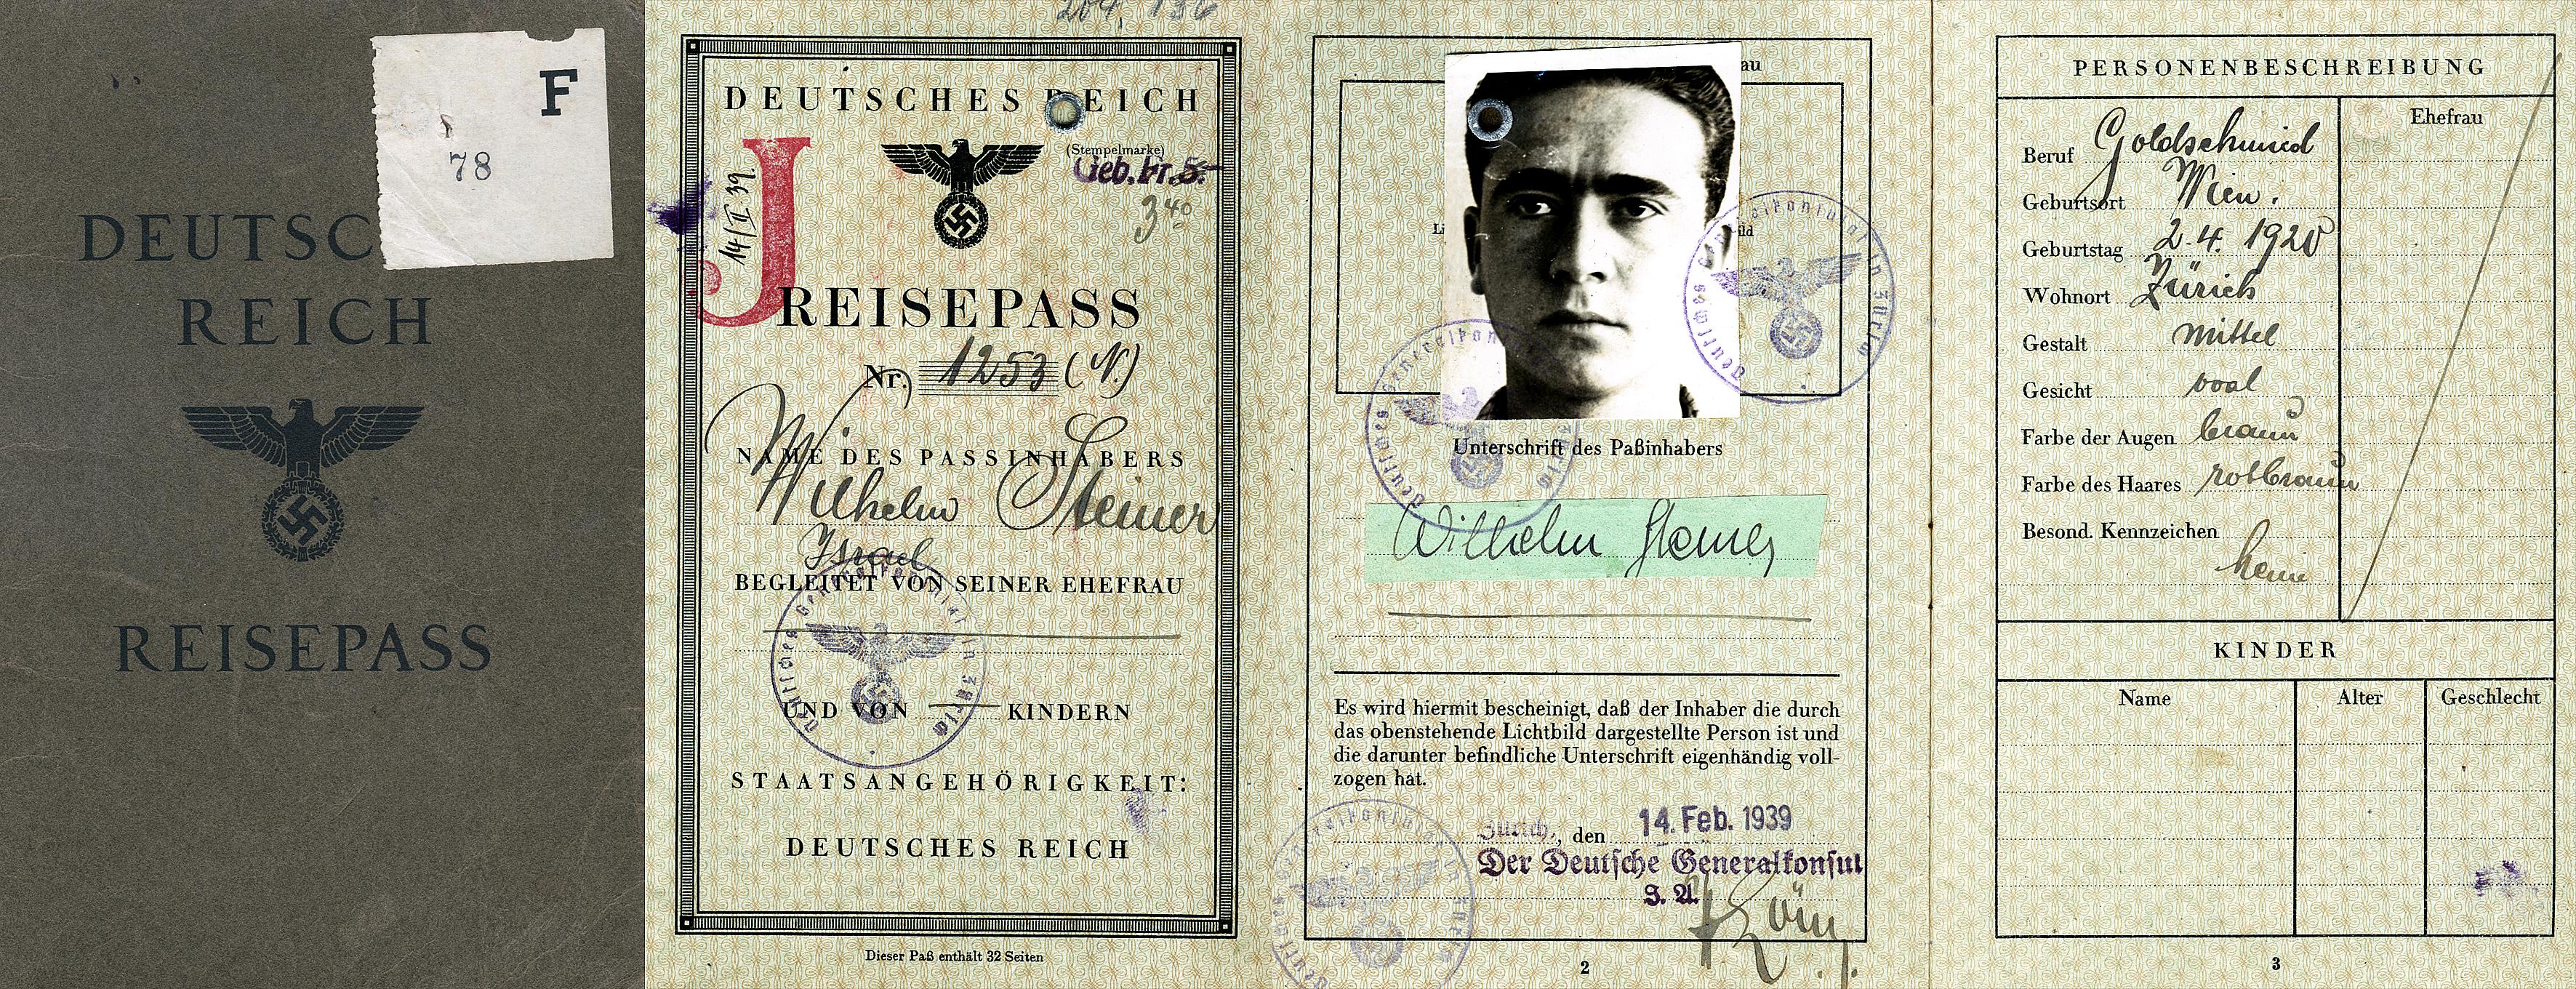 Wilhem Steiners Reisepass